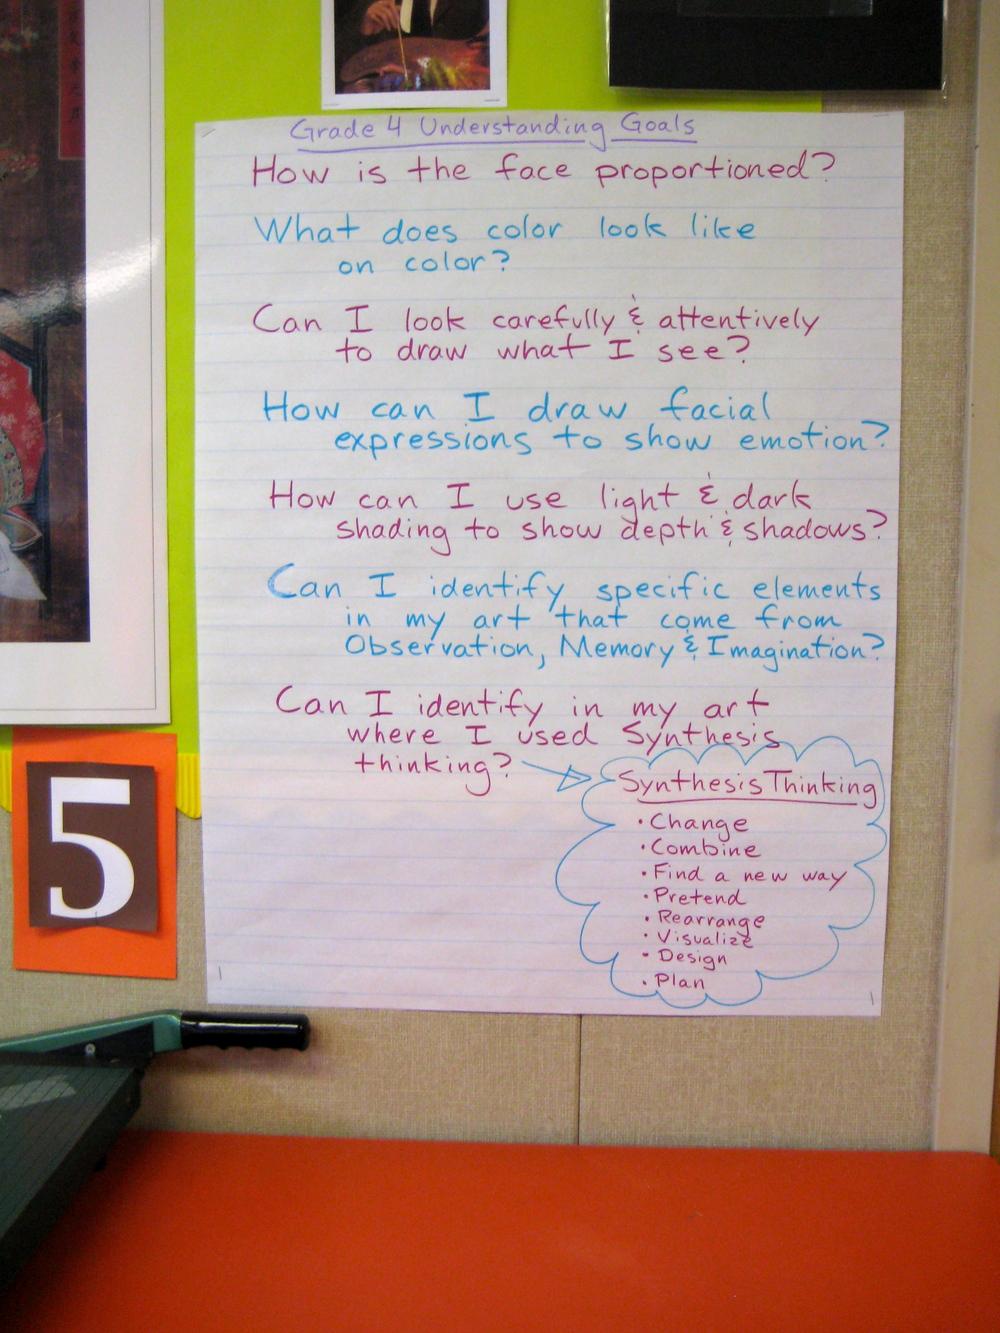 Understanding Goals, Grade 4